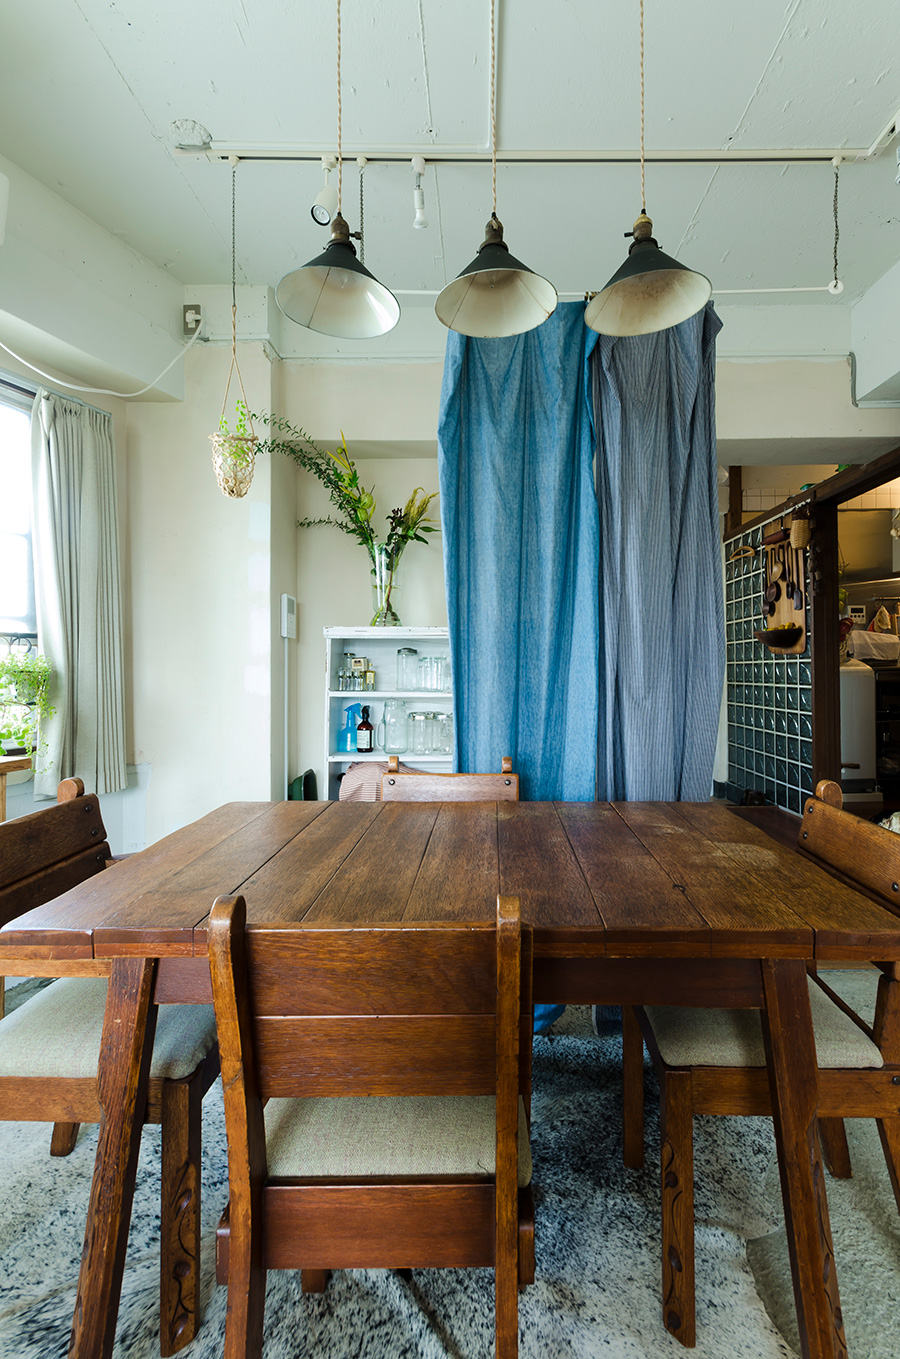 手作り感が気に入っているアメリカのアンティークの椅子とテーブルは、ほどよく装飾のあるミッション様式。カーテンをパーテーション代わりに。